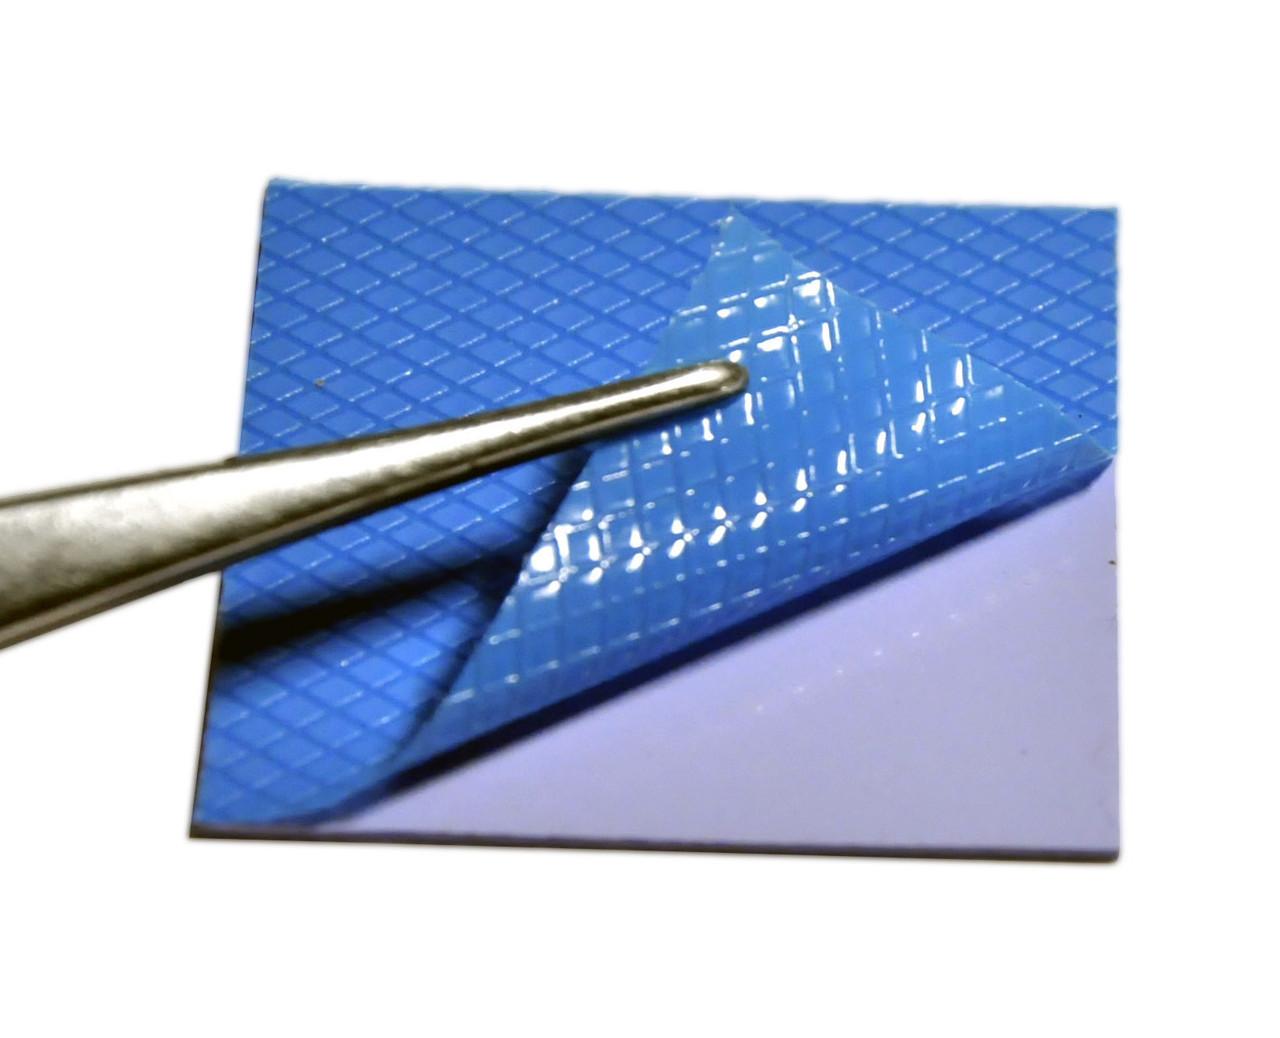 Термопрокладка 3KS 3K800 G24 1.0 мм 50x50 синя 8 Вт/(м*К) термоінтерфейс для ноутбука (TPr-3K8W-G24)